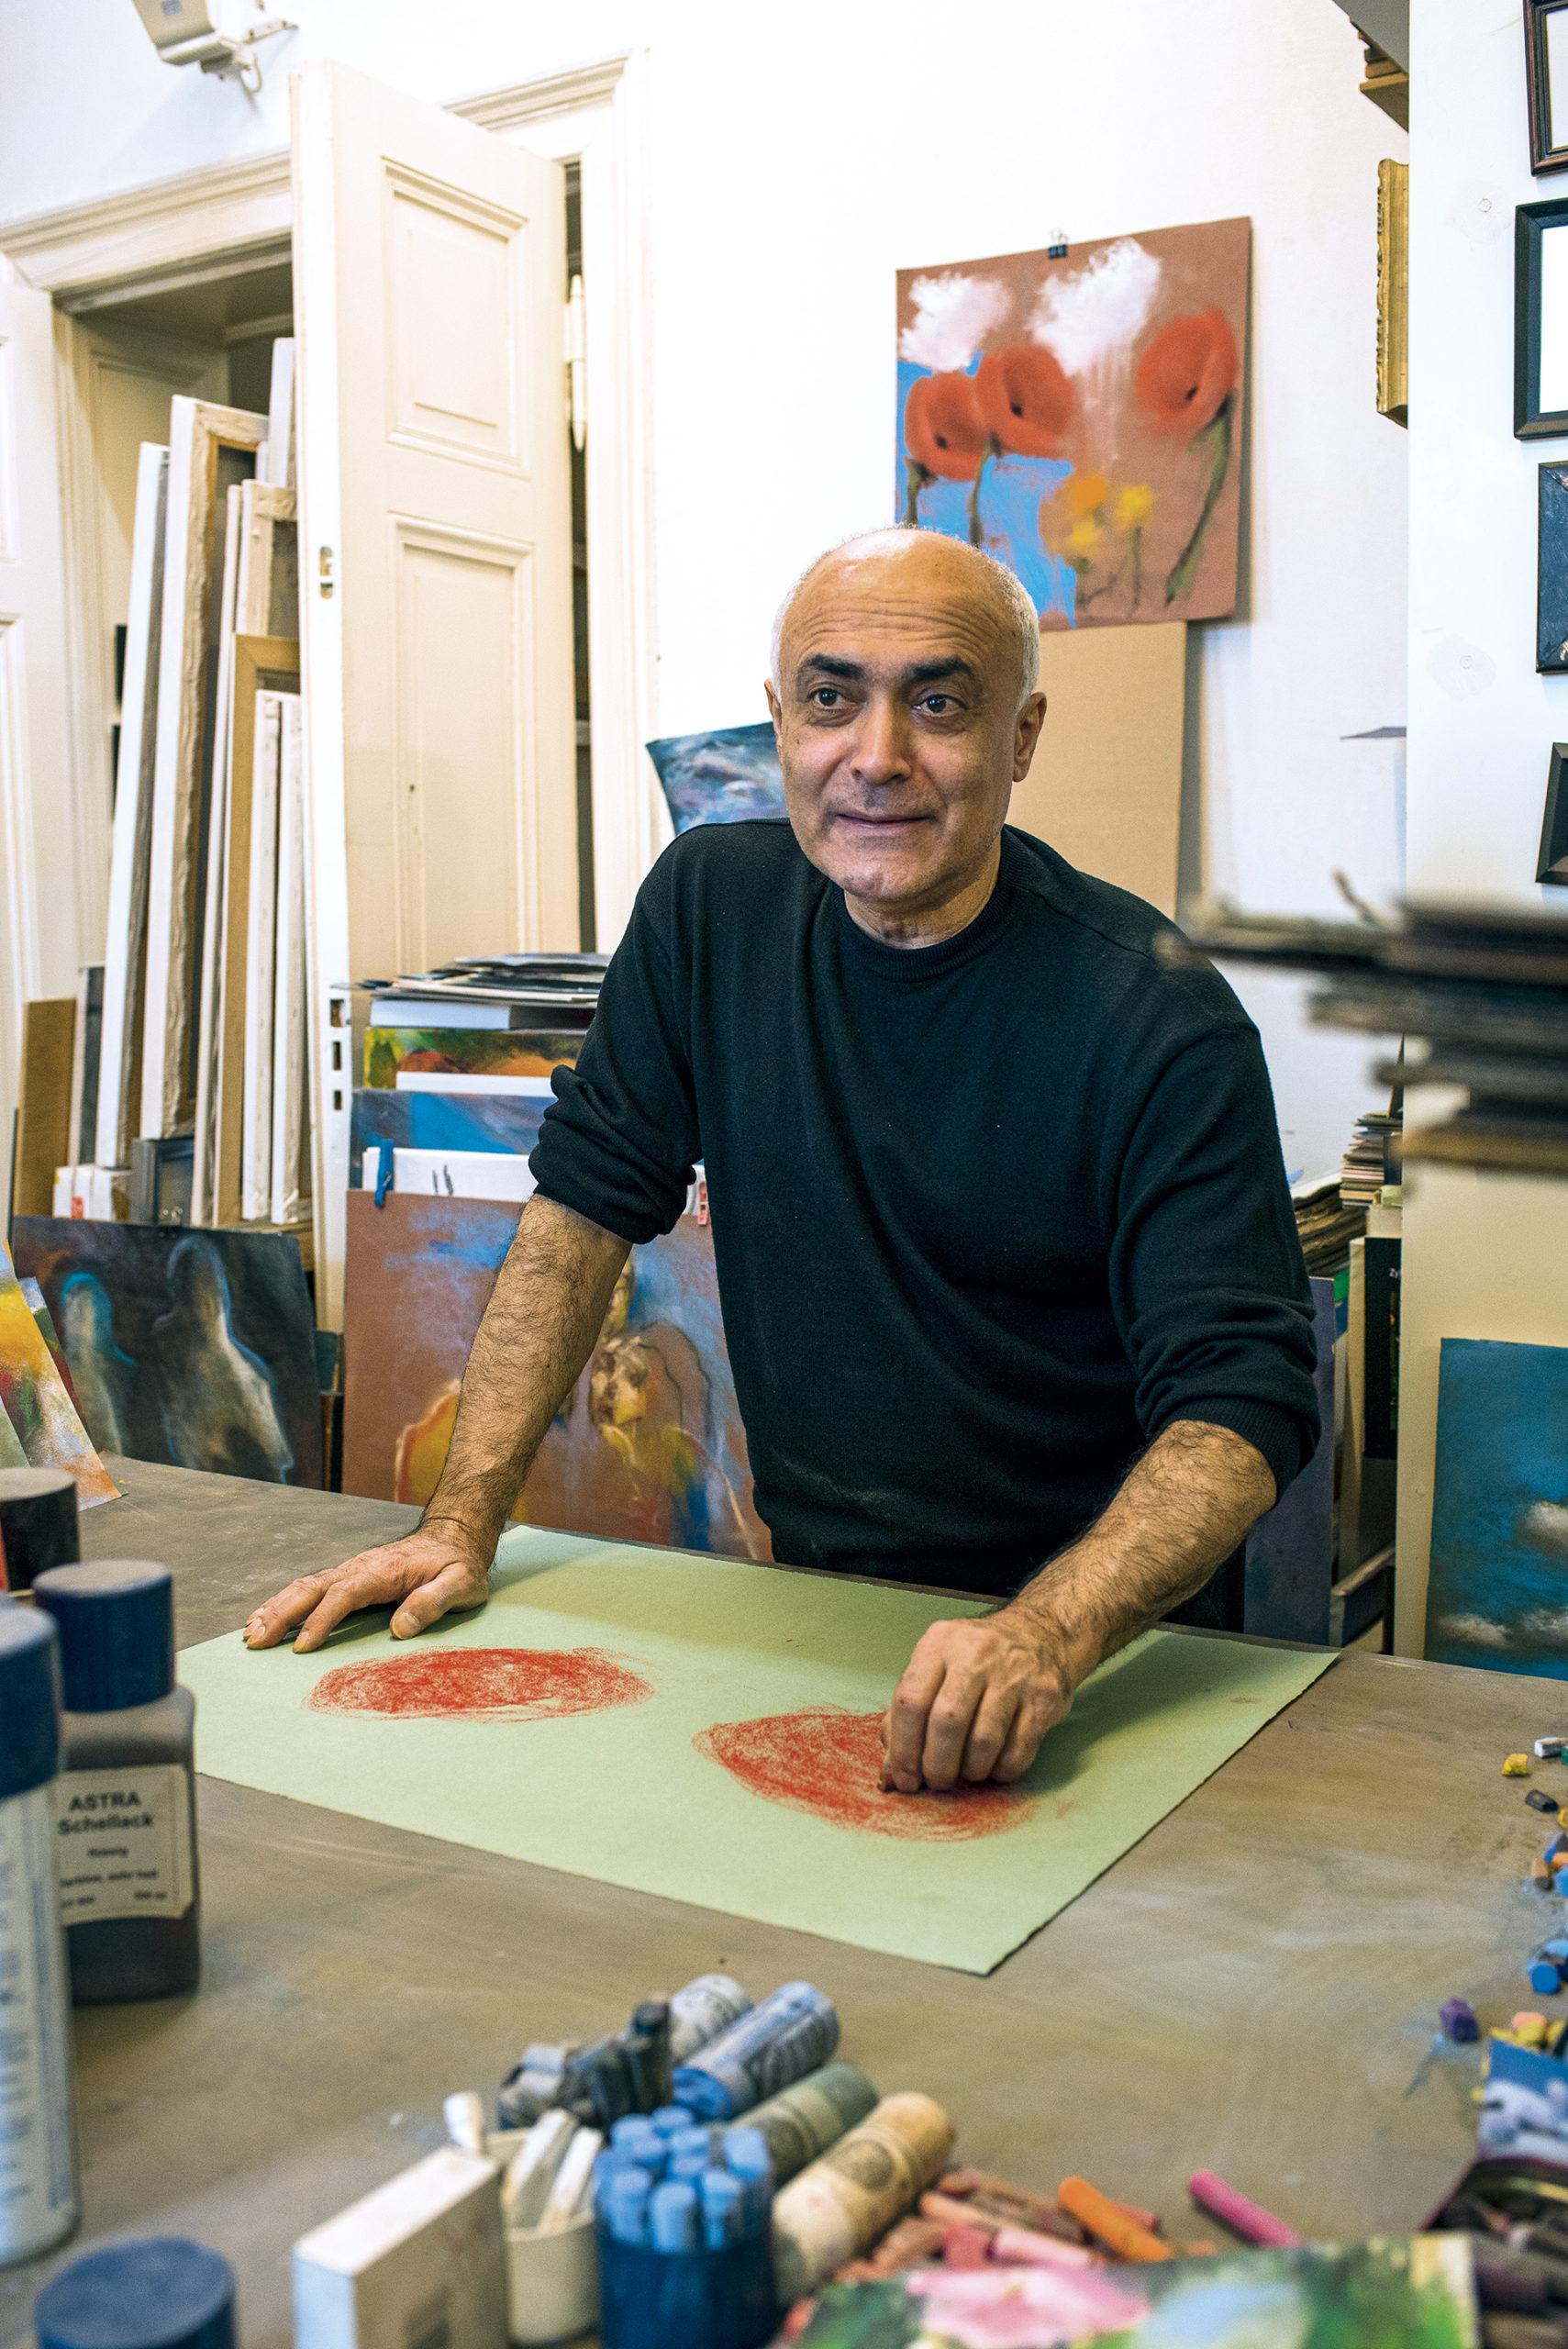 Der Künstler Kani Alavi bevorzugt Pastellkreide. Denn damit sind die Übergänge leichter zu erreichen als mit Ölfarbe.  Oft beginnt er erst spät abends zu malen. Er ist ein Nachtmensch.